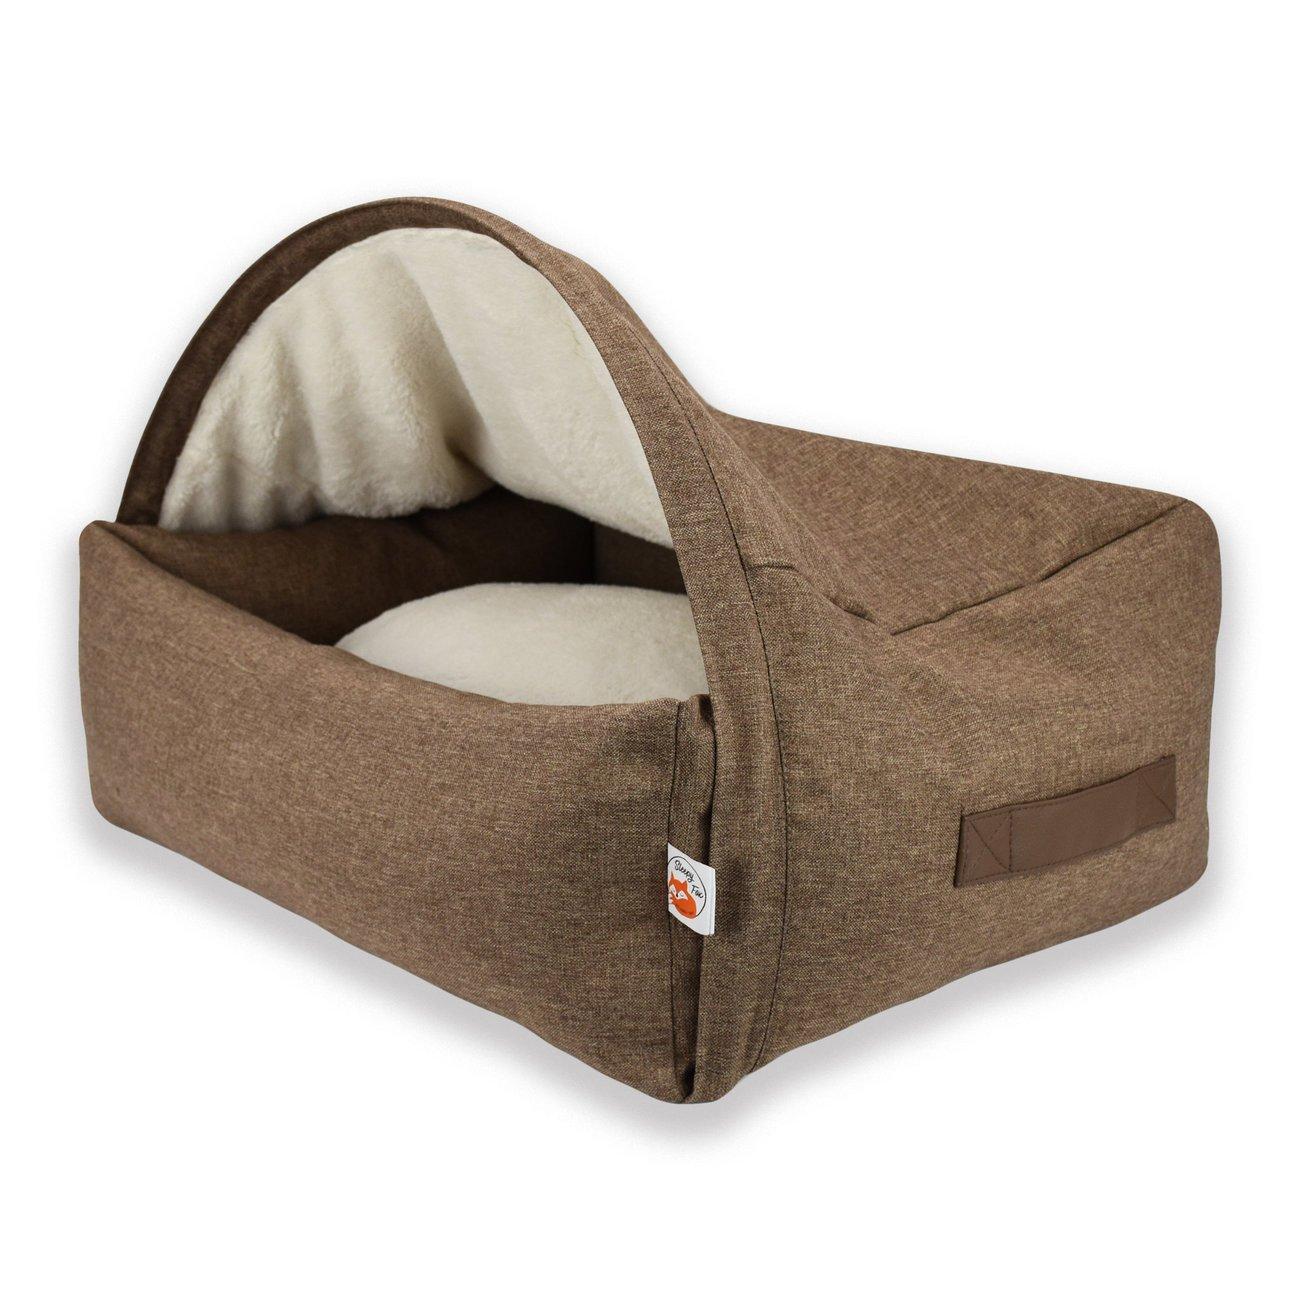 Sleepy Fox® Kuschelhöhlen Hundebett, Bild 2